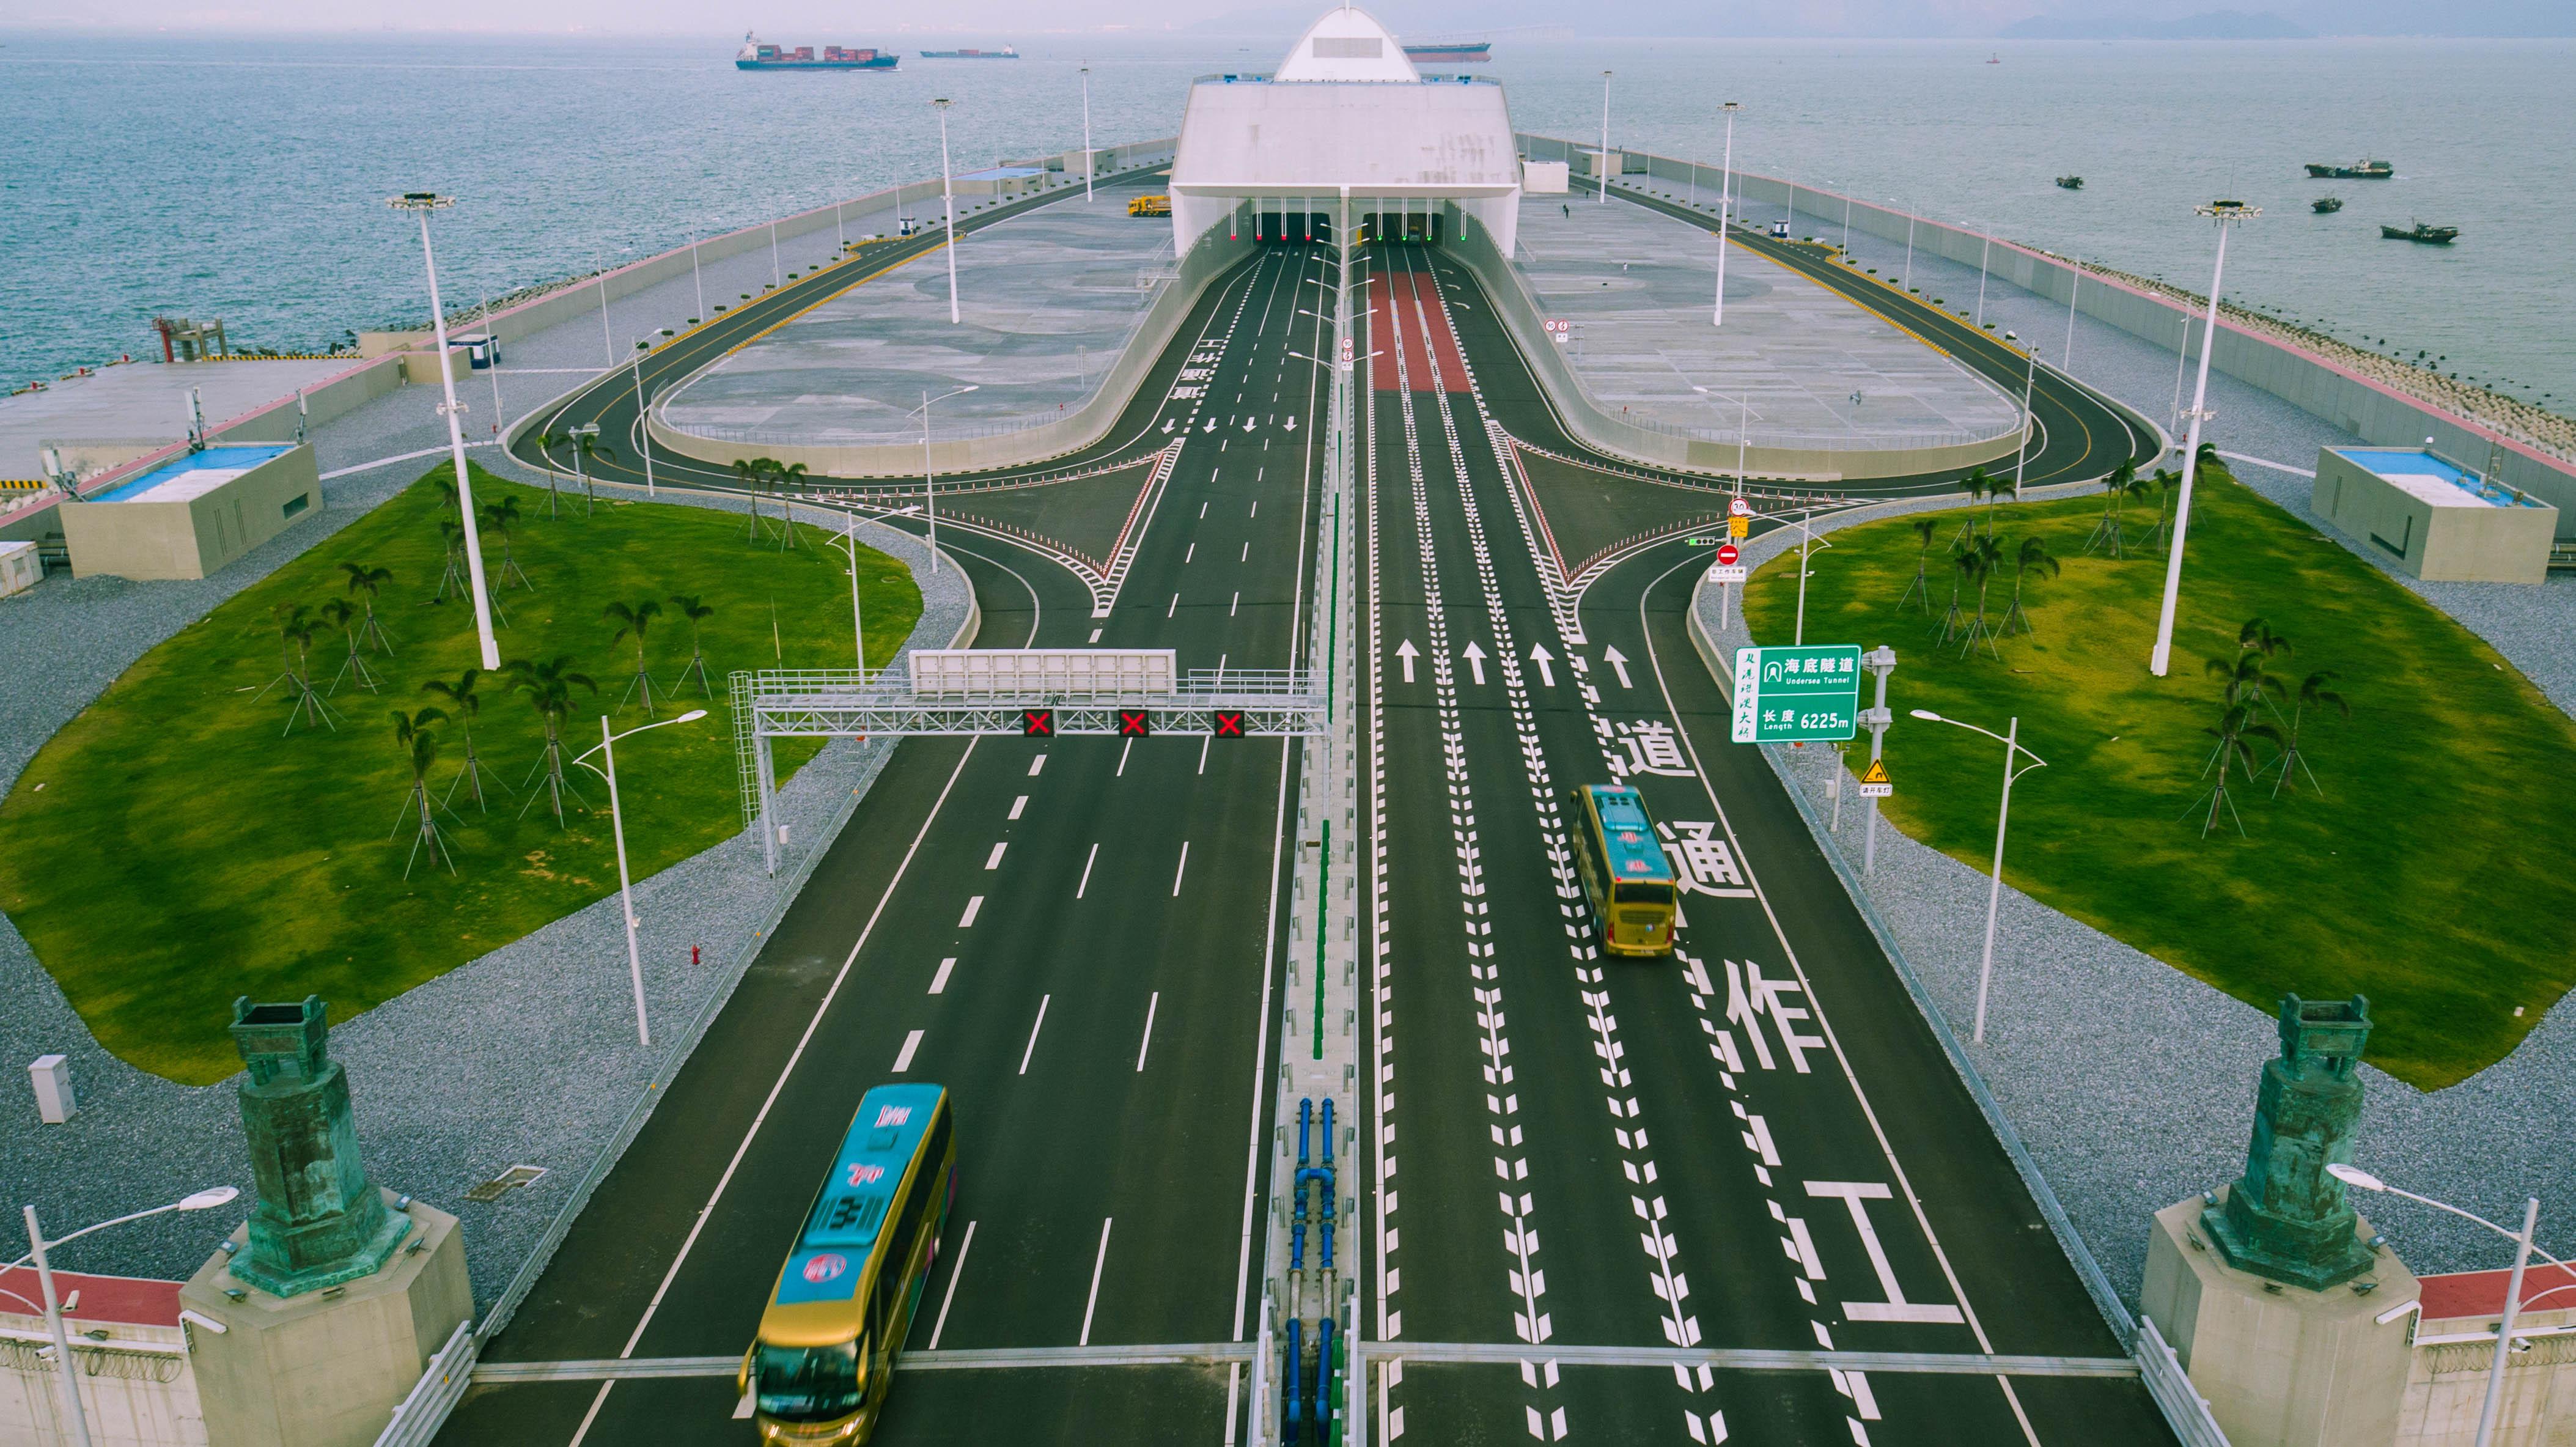 中国インフラ投資拡大、より大きな市場を切り開く